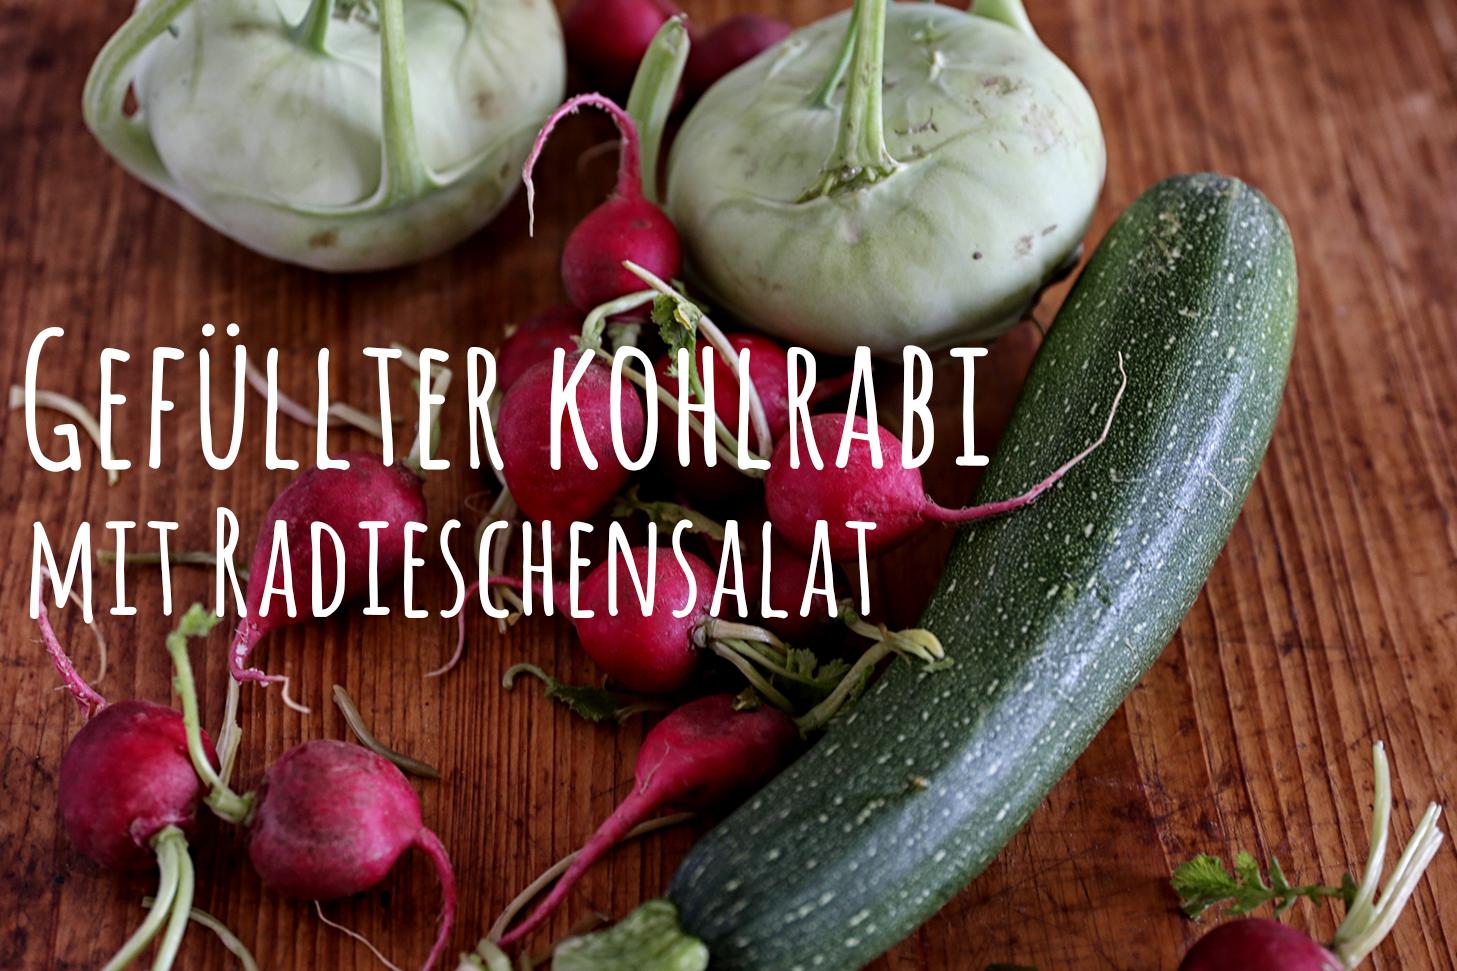 Gefüllter Kohlrabi mit Radieschensalat